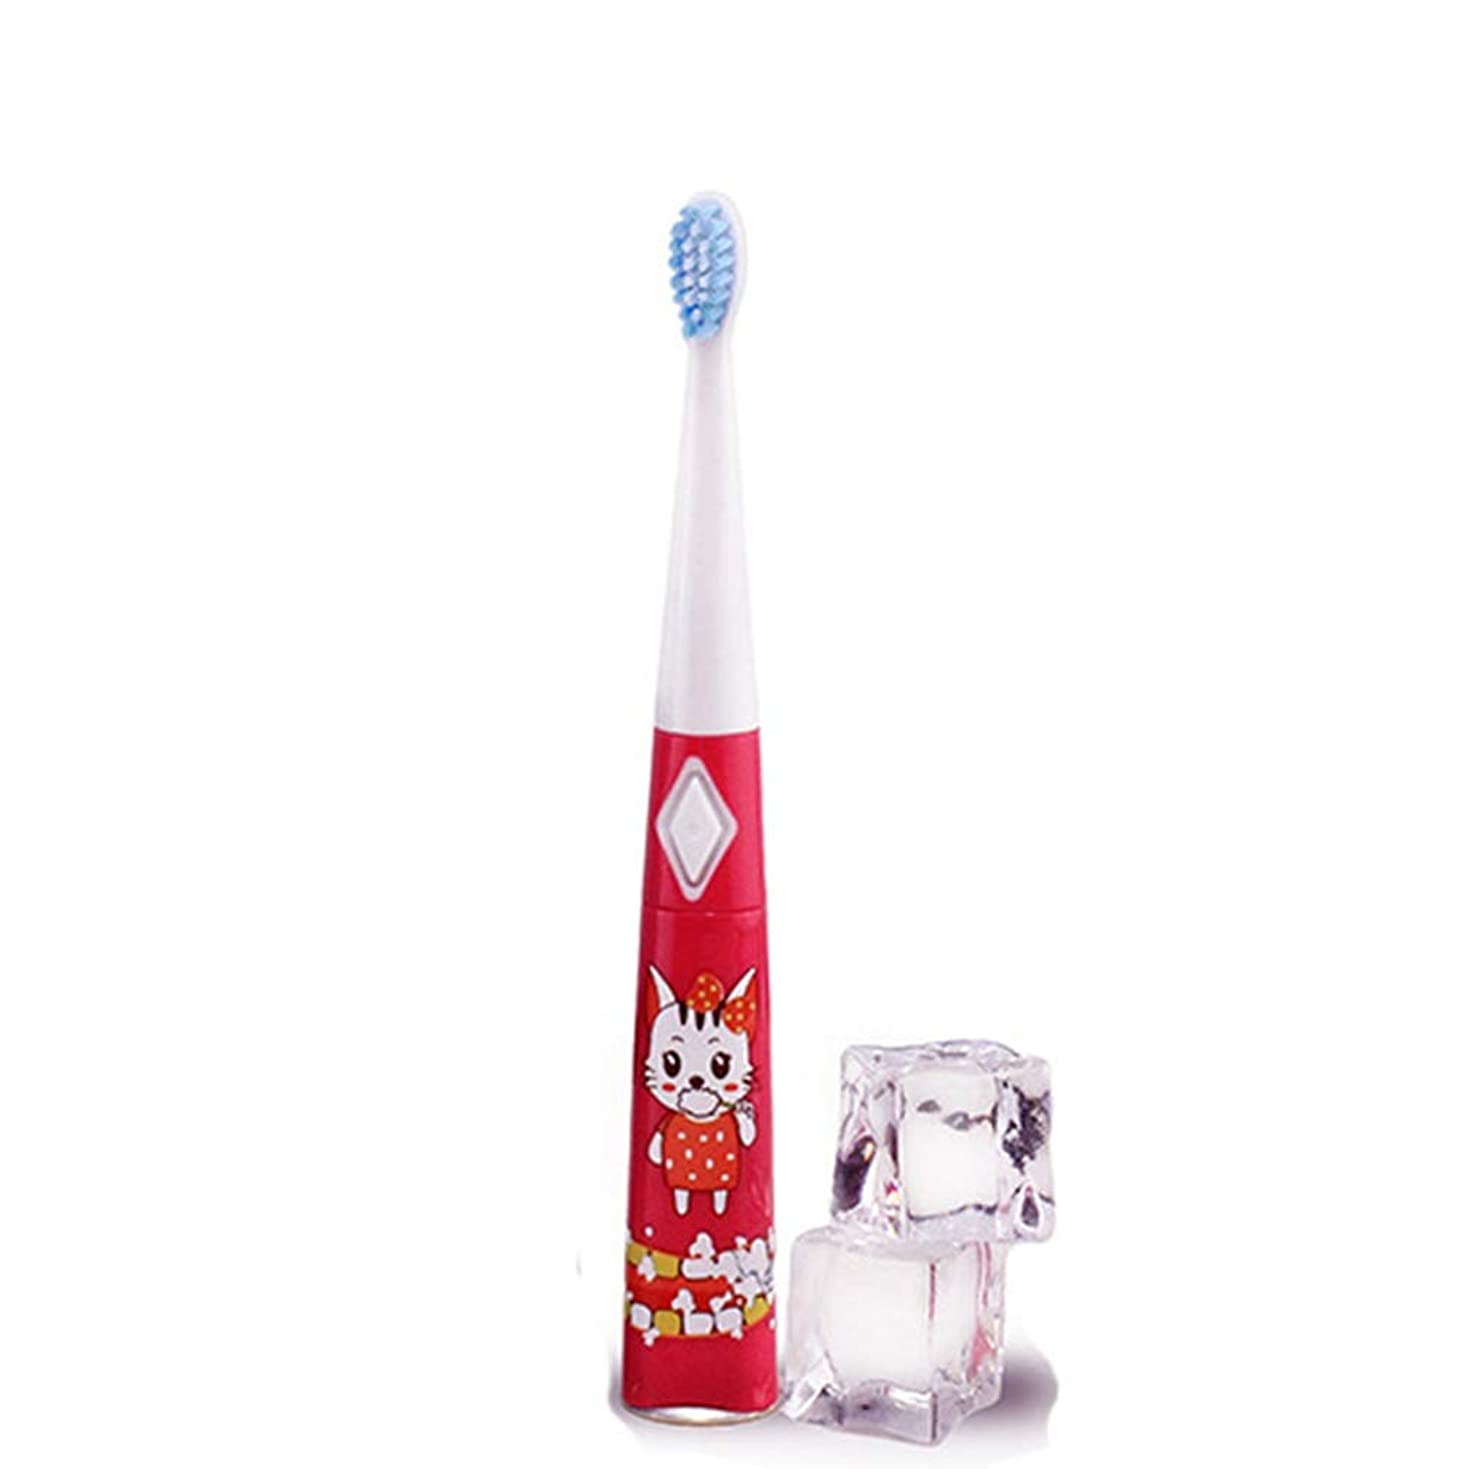 コピーかみそり泥だらけ電動歯ブラシ 子供用電動歯ブラシ防水ソフトヘア歯ブラシ単4電池1本(電池なし) 大人と子供向け (色 : 赤, サイズ : Free size)